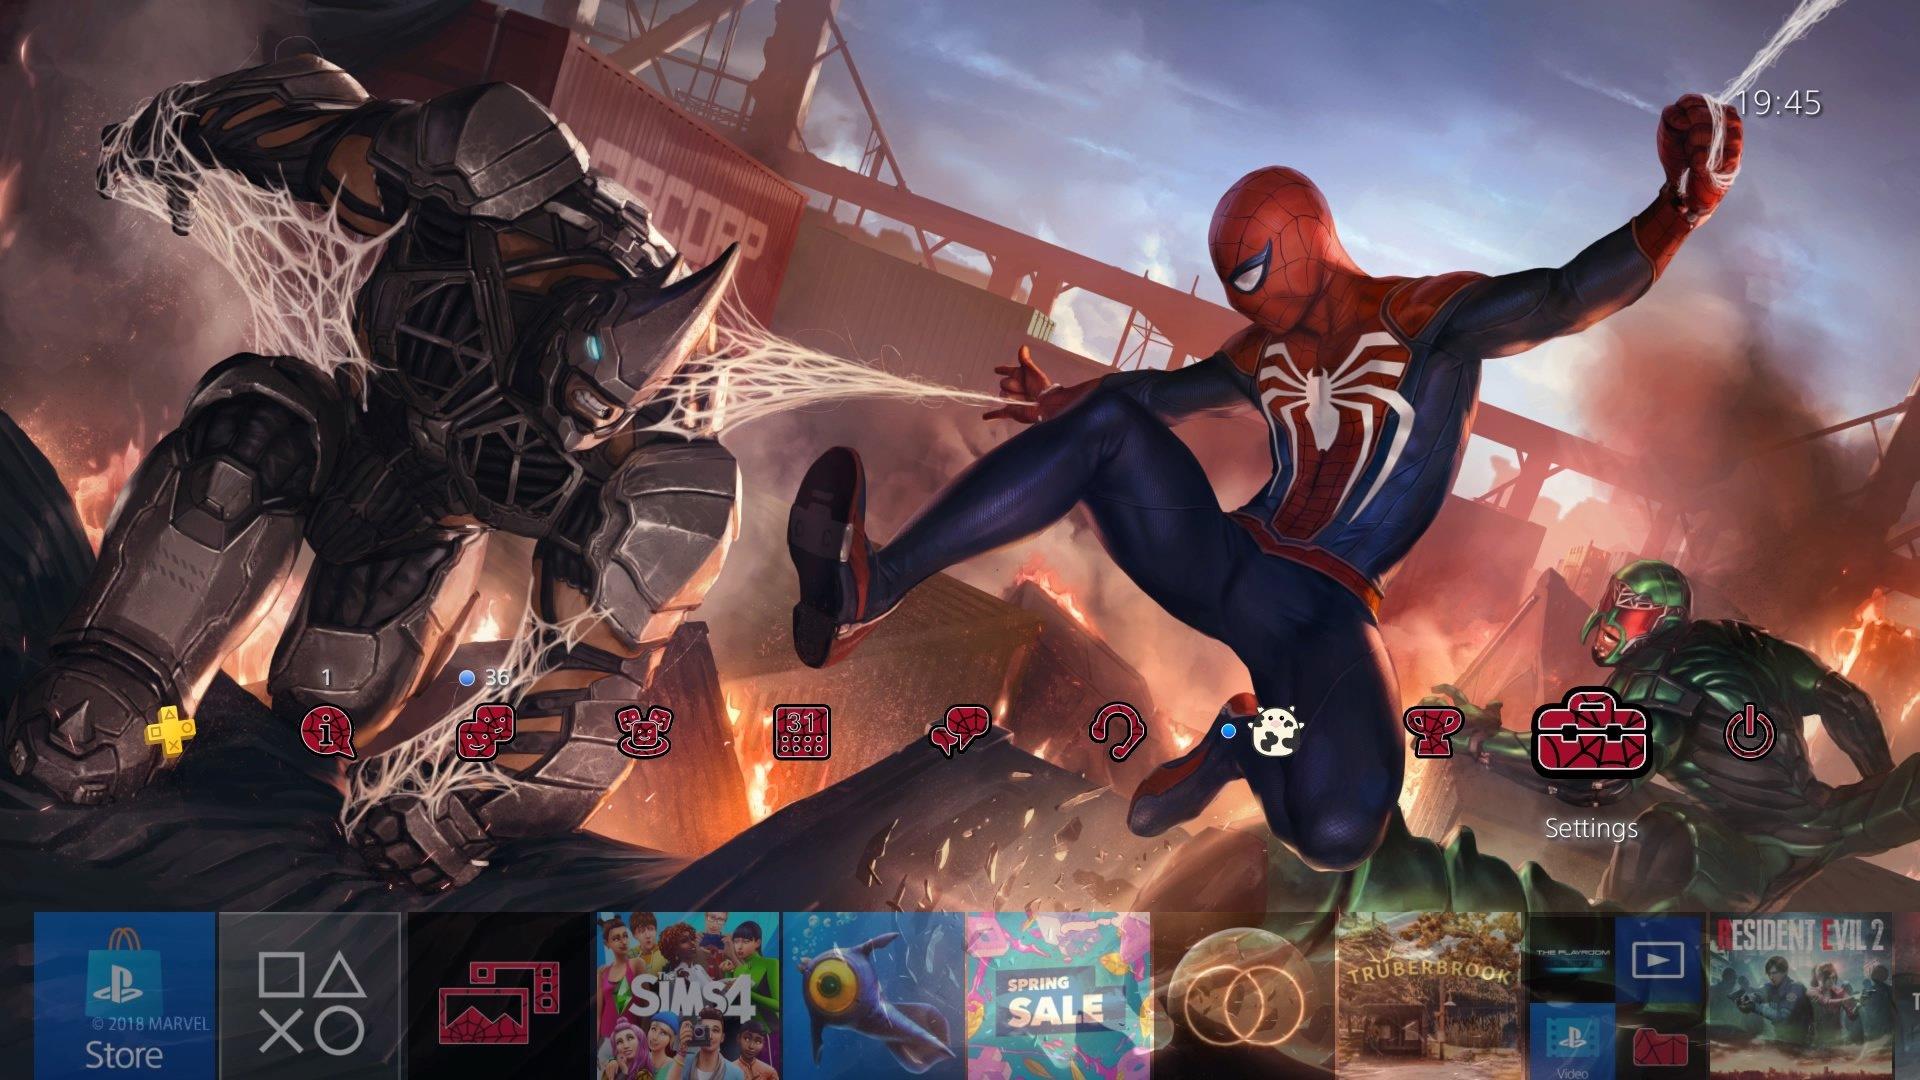 marvels spider man battle theme.original - PlayStation 4 - Guida: i migliori temi gratuiti da scaricare